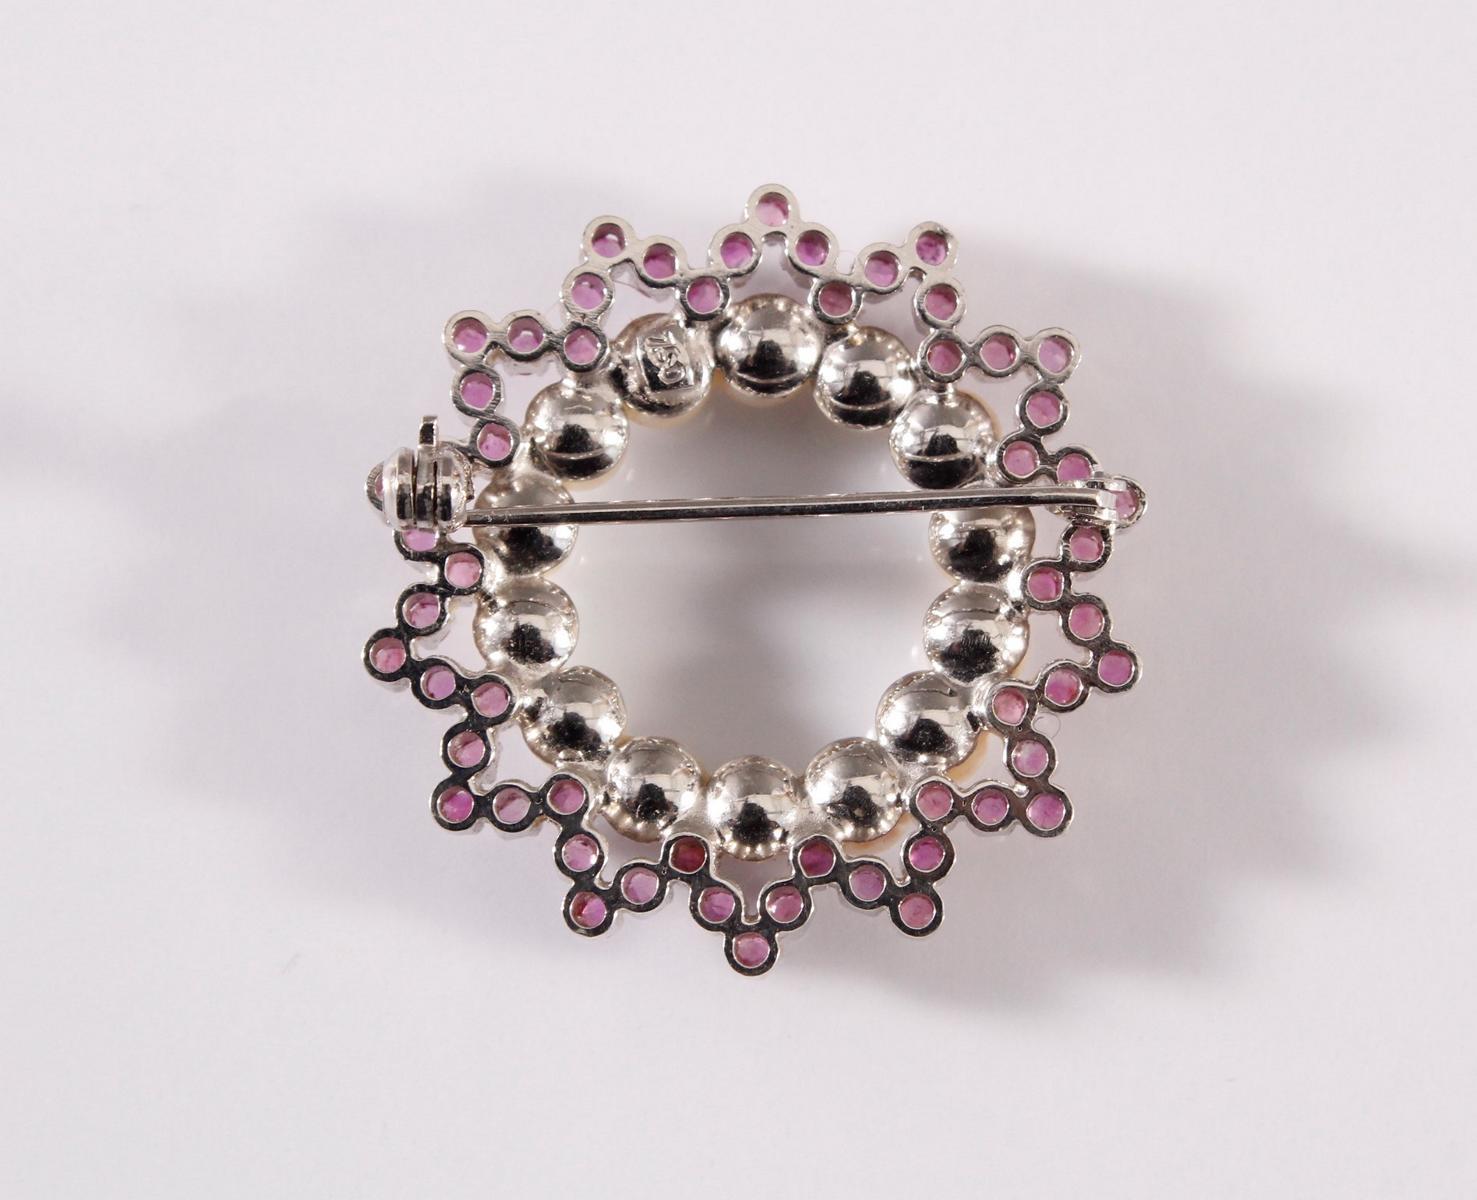 Brosche mit Rubinen und Perlen, 18 kt Weißgold-2